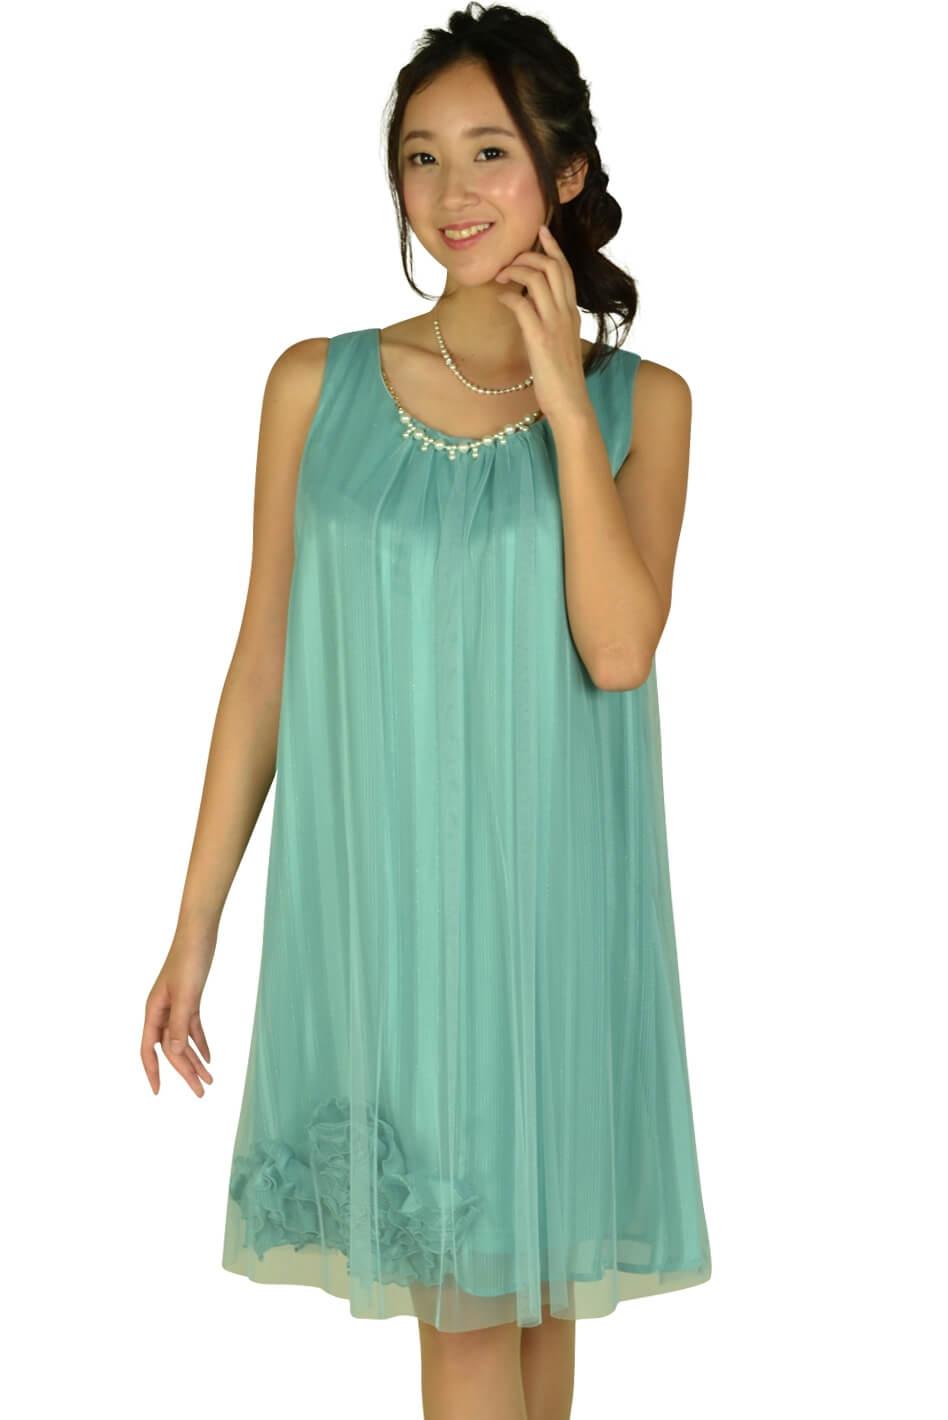 アシール(ASHILL)チュールストライプミントカラードレス